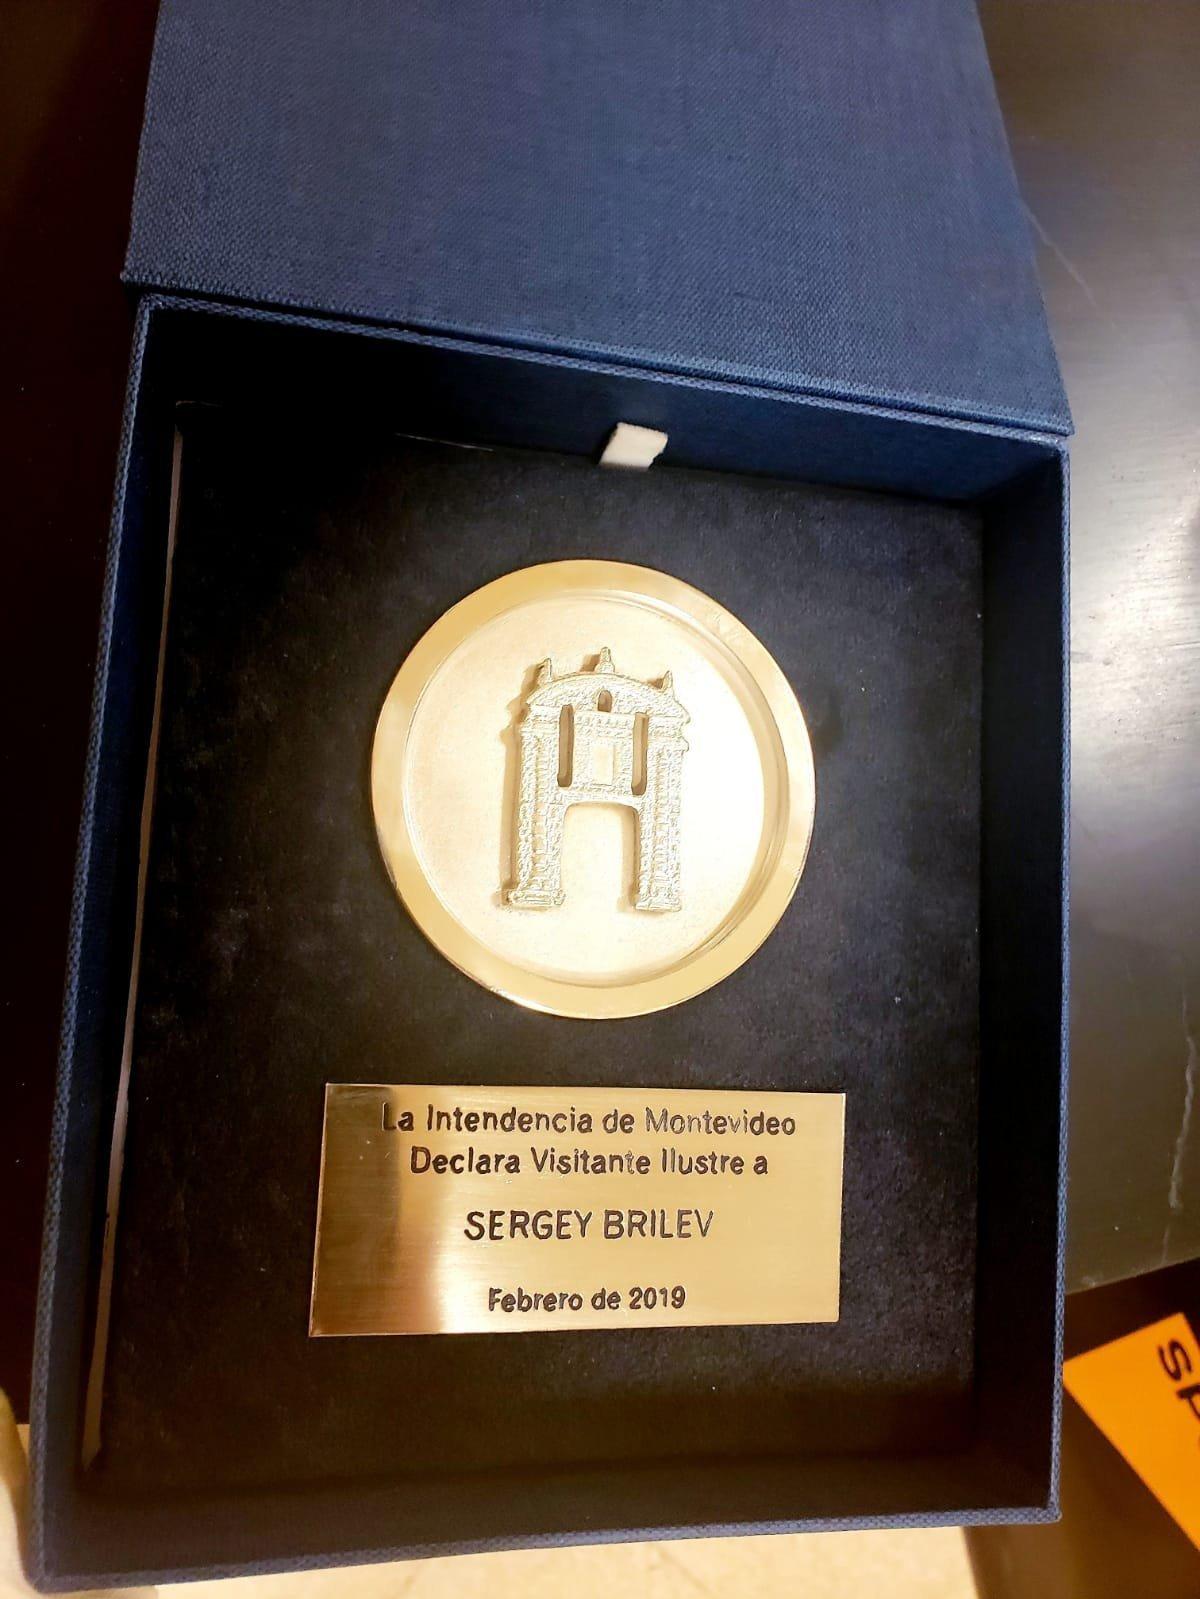 """Reconocimiento al periodista Sergey Brilev como """"visitante ilustre"""" por la Intendencia de Montevideo, Uruguay."""